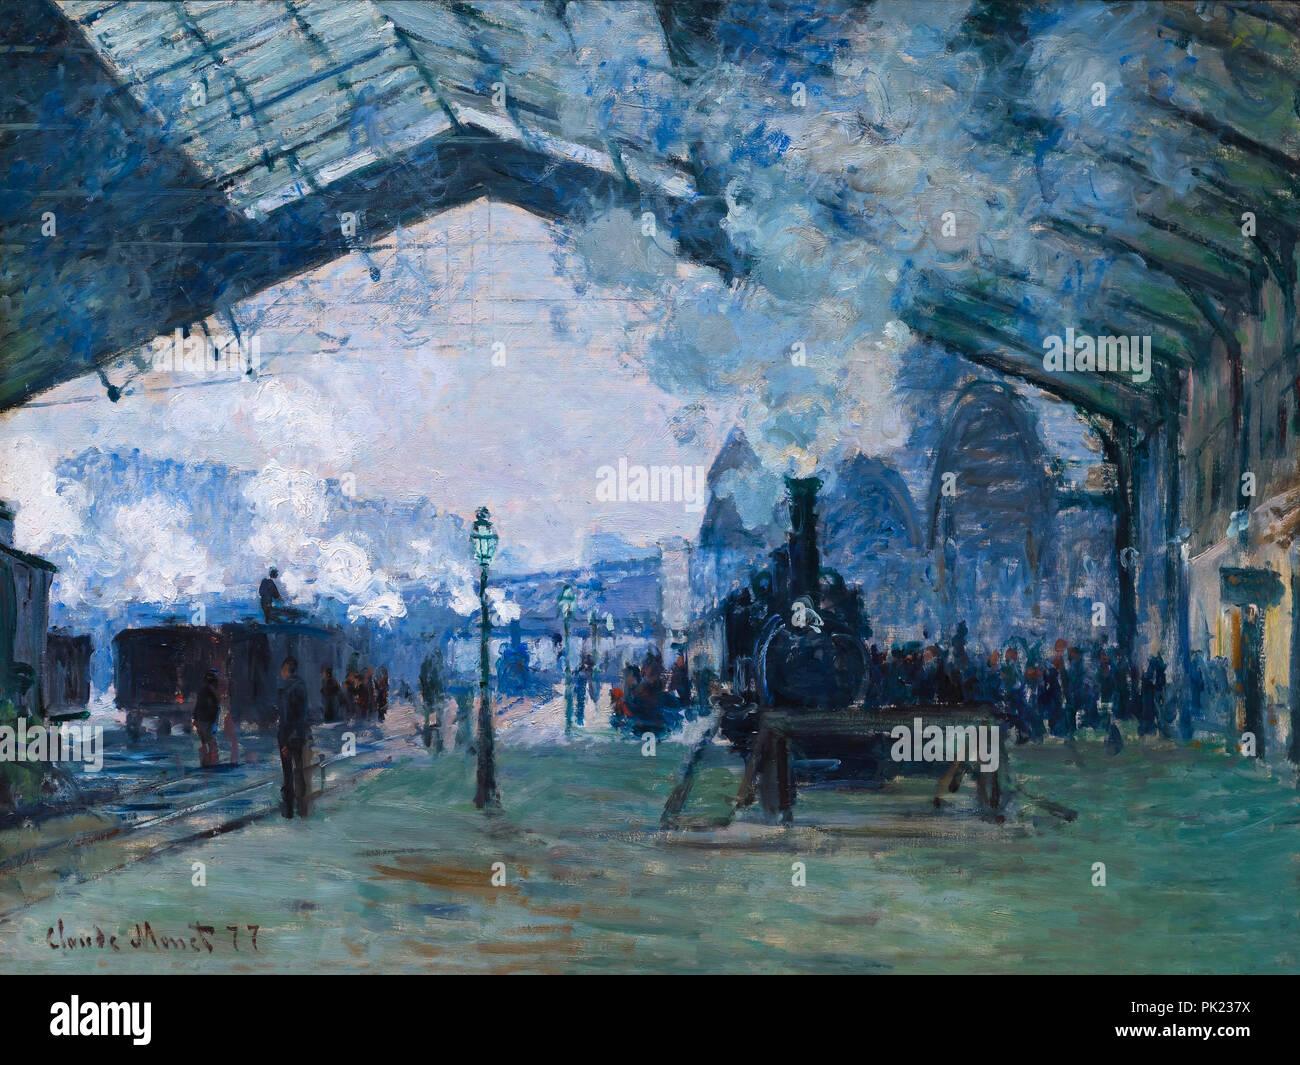 Ankunft der Normandie Bahnhof, Gare Saint-Lazare, Claude Monet, 1877, Kunst Institut von Chicago, Chicago, Illinois, USA, Nordamerika, Stockbild